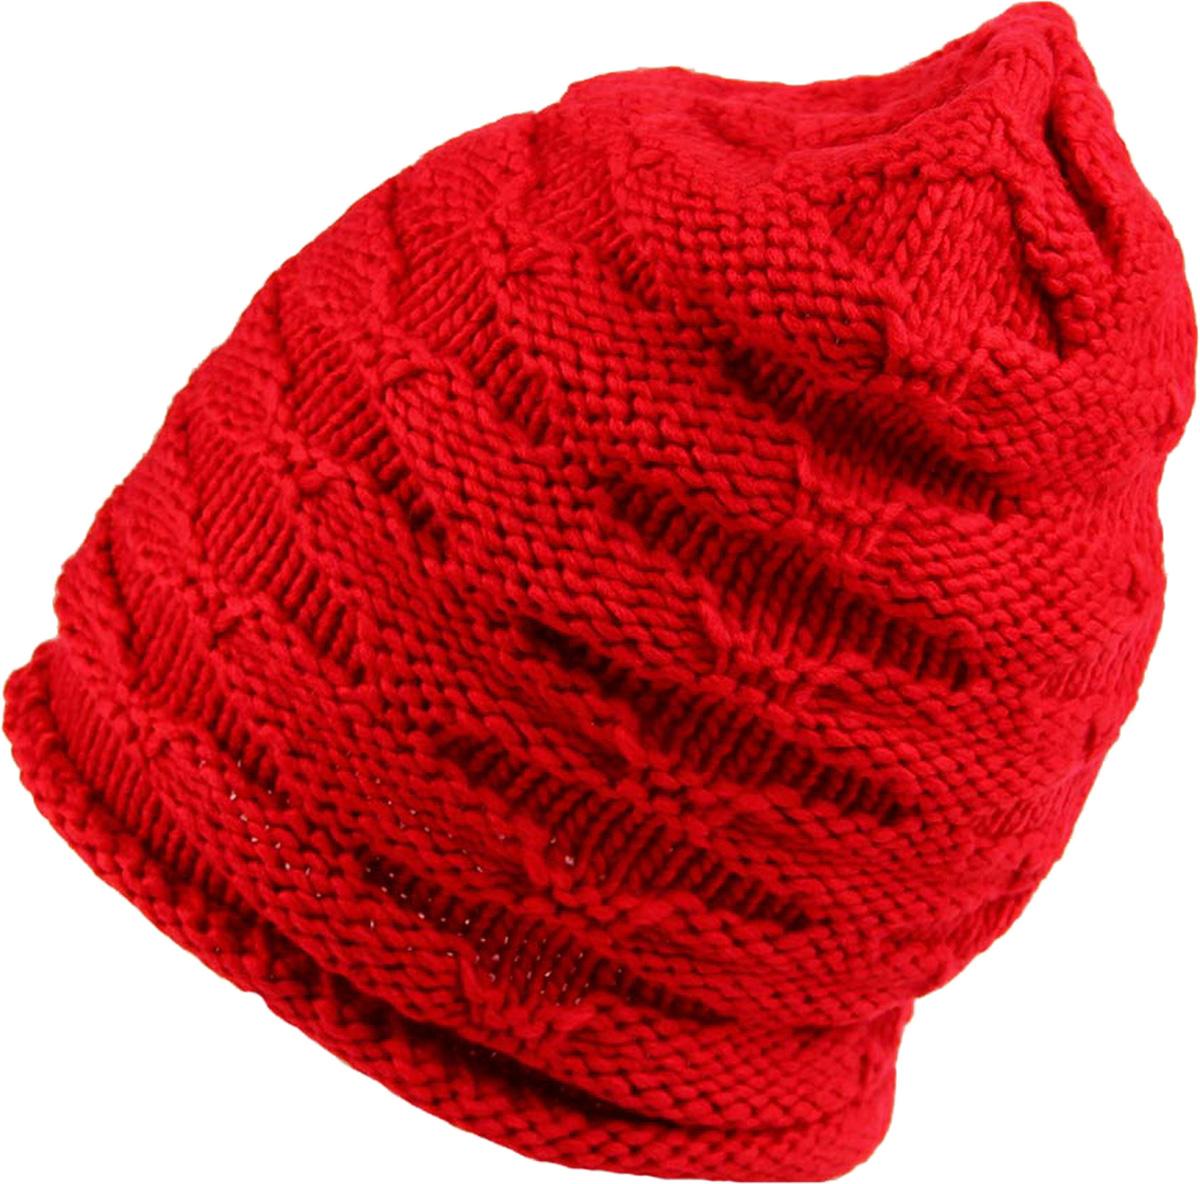 Шапка женская Venera, цвет: красный. 9806156-04. Размер универсальный9806156-04 ШапкаСтильная женская шапка Venera, выполненная из комбинированной пряжи, станет отличным дополнением вашего образа в холодную погоду. Сочетание простой и декоративной вязки создает уникальное изделие. Шапка Venera отлично дополнит ваш повседневный образ, это универсальный и очень практичный аксессуар.